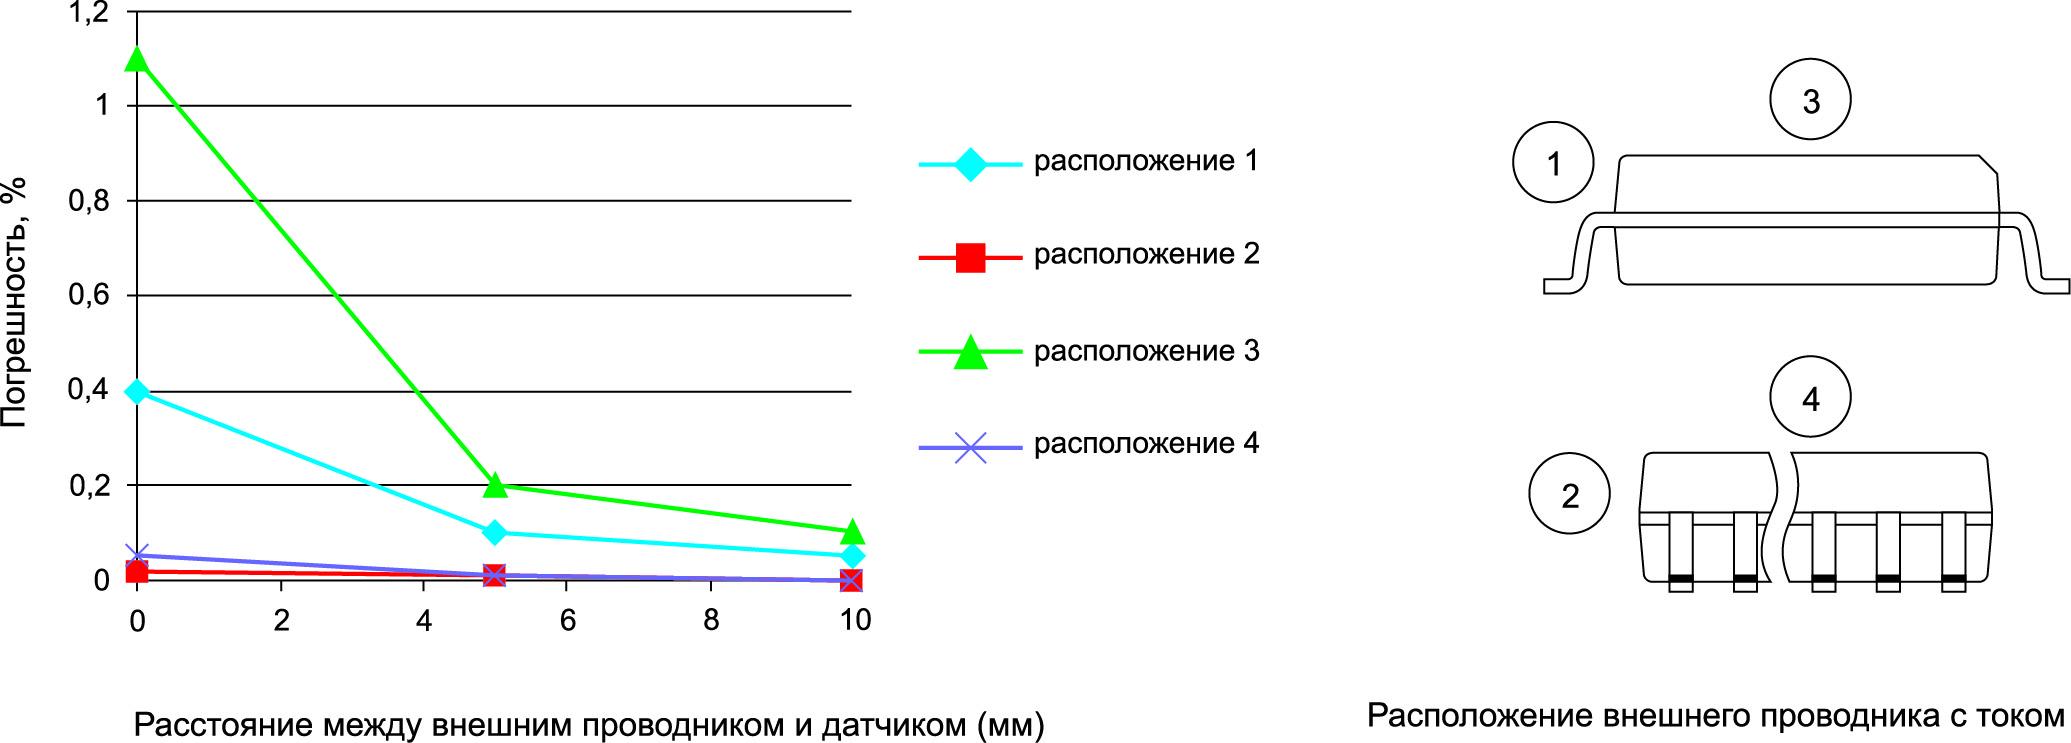 Влияние внешних проводников на точность датчика GO. Ошибка показана для случая, когда токи в измеряемой цепи и во внешнем проводнике одинаковы